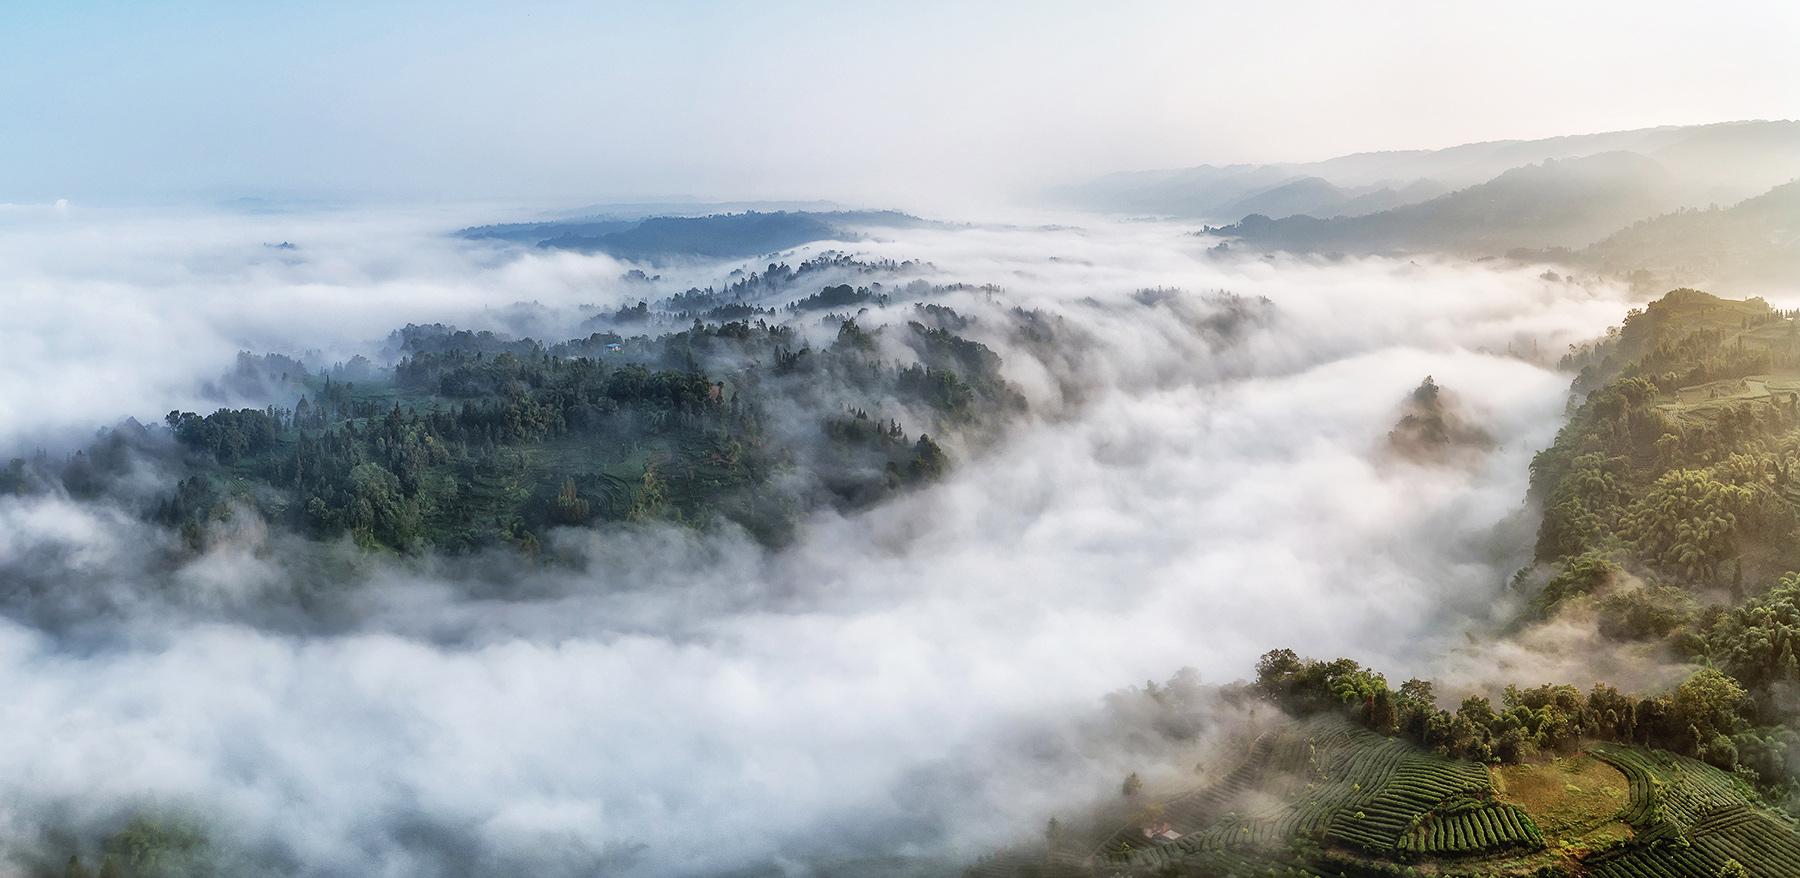 云台山雾似潮涌